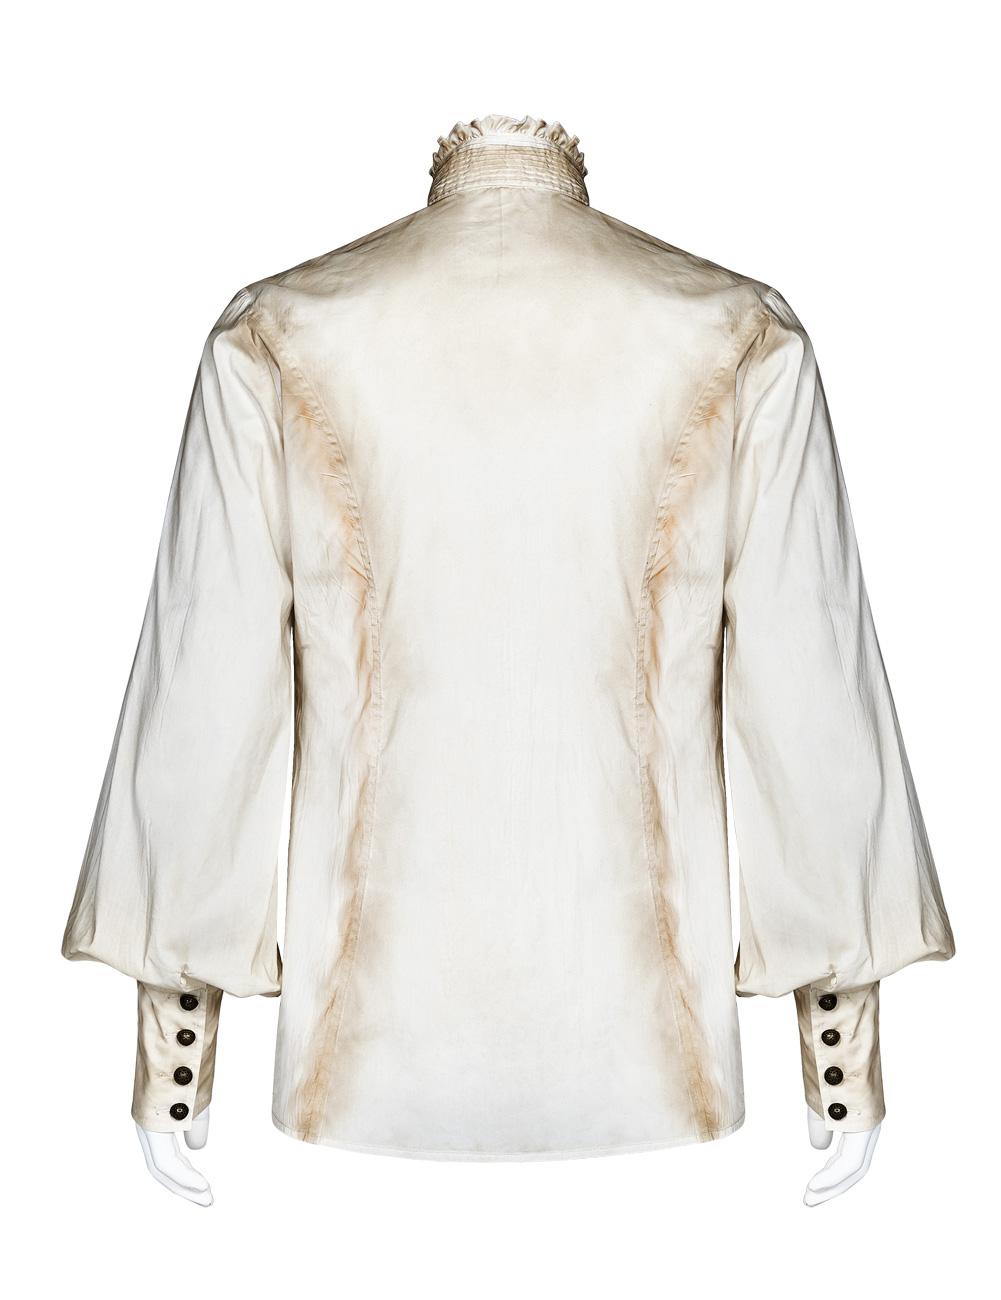 en soldes ed183 5b4b6 Chemise blanche homme, effet vieilli avec manches bouffantes, Punk Rave  Référence : PUNKR0583